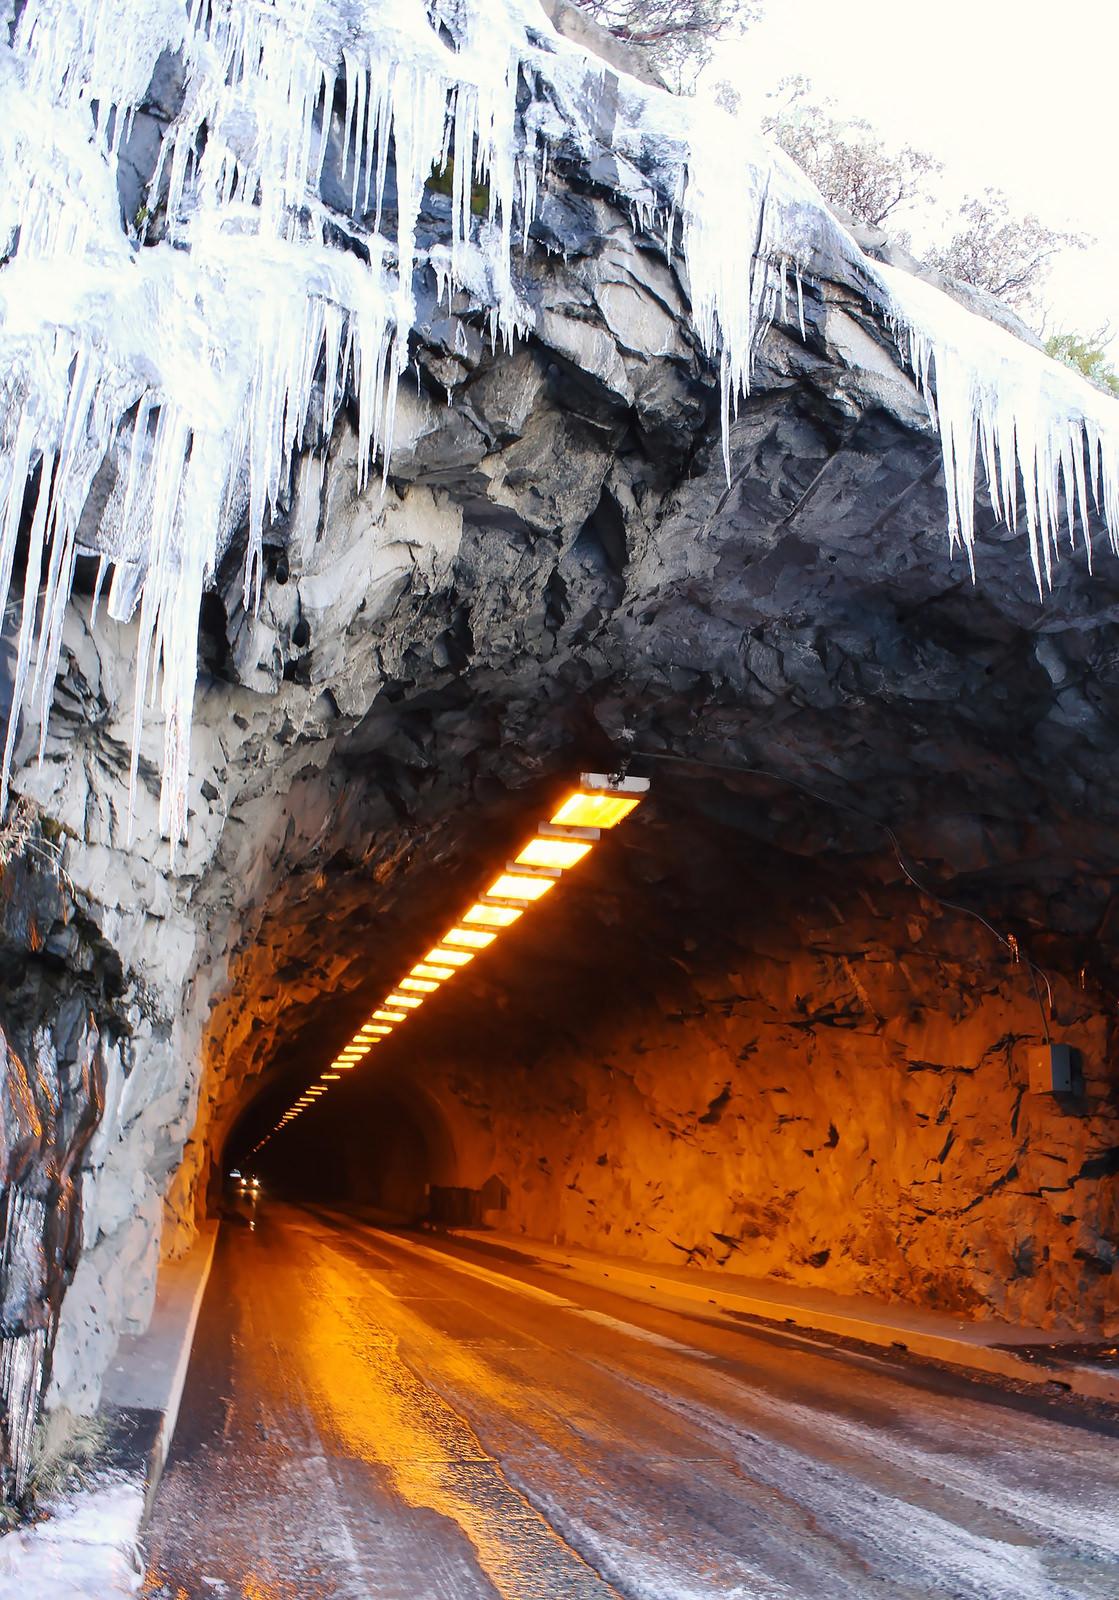 凍ったトンネルの入り口とツララ凍ったトンネルの入り口とツララ